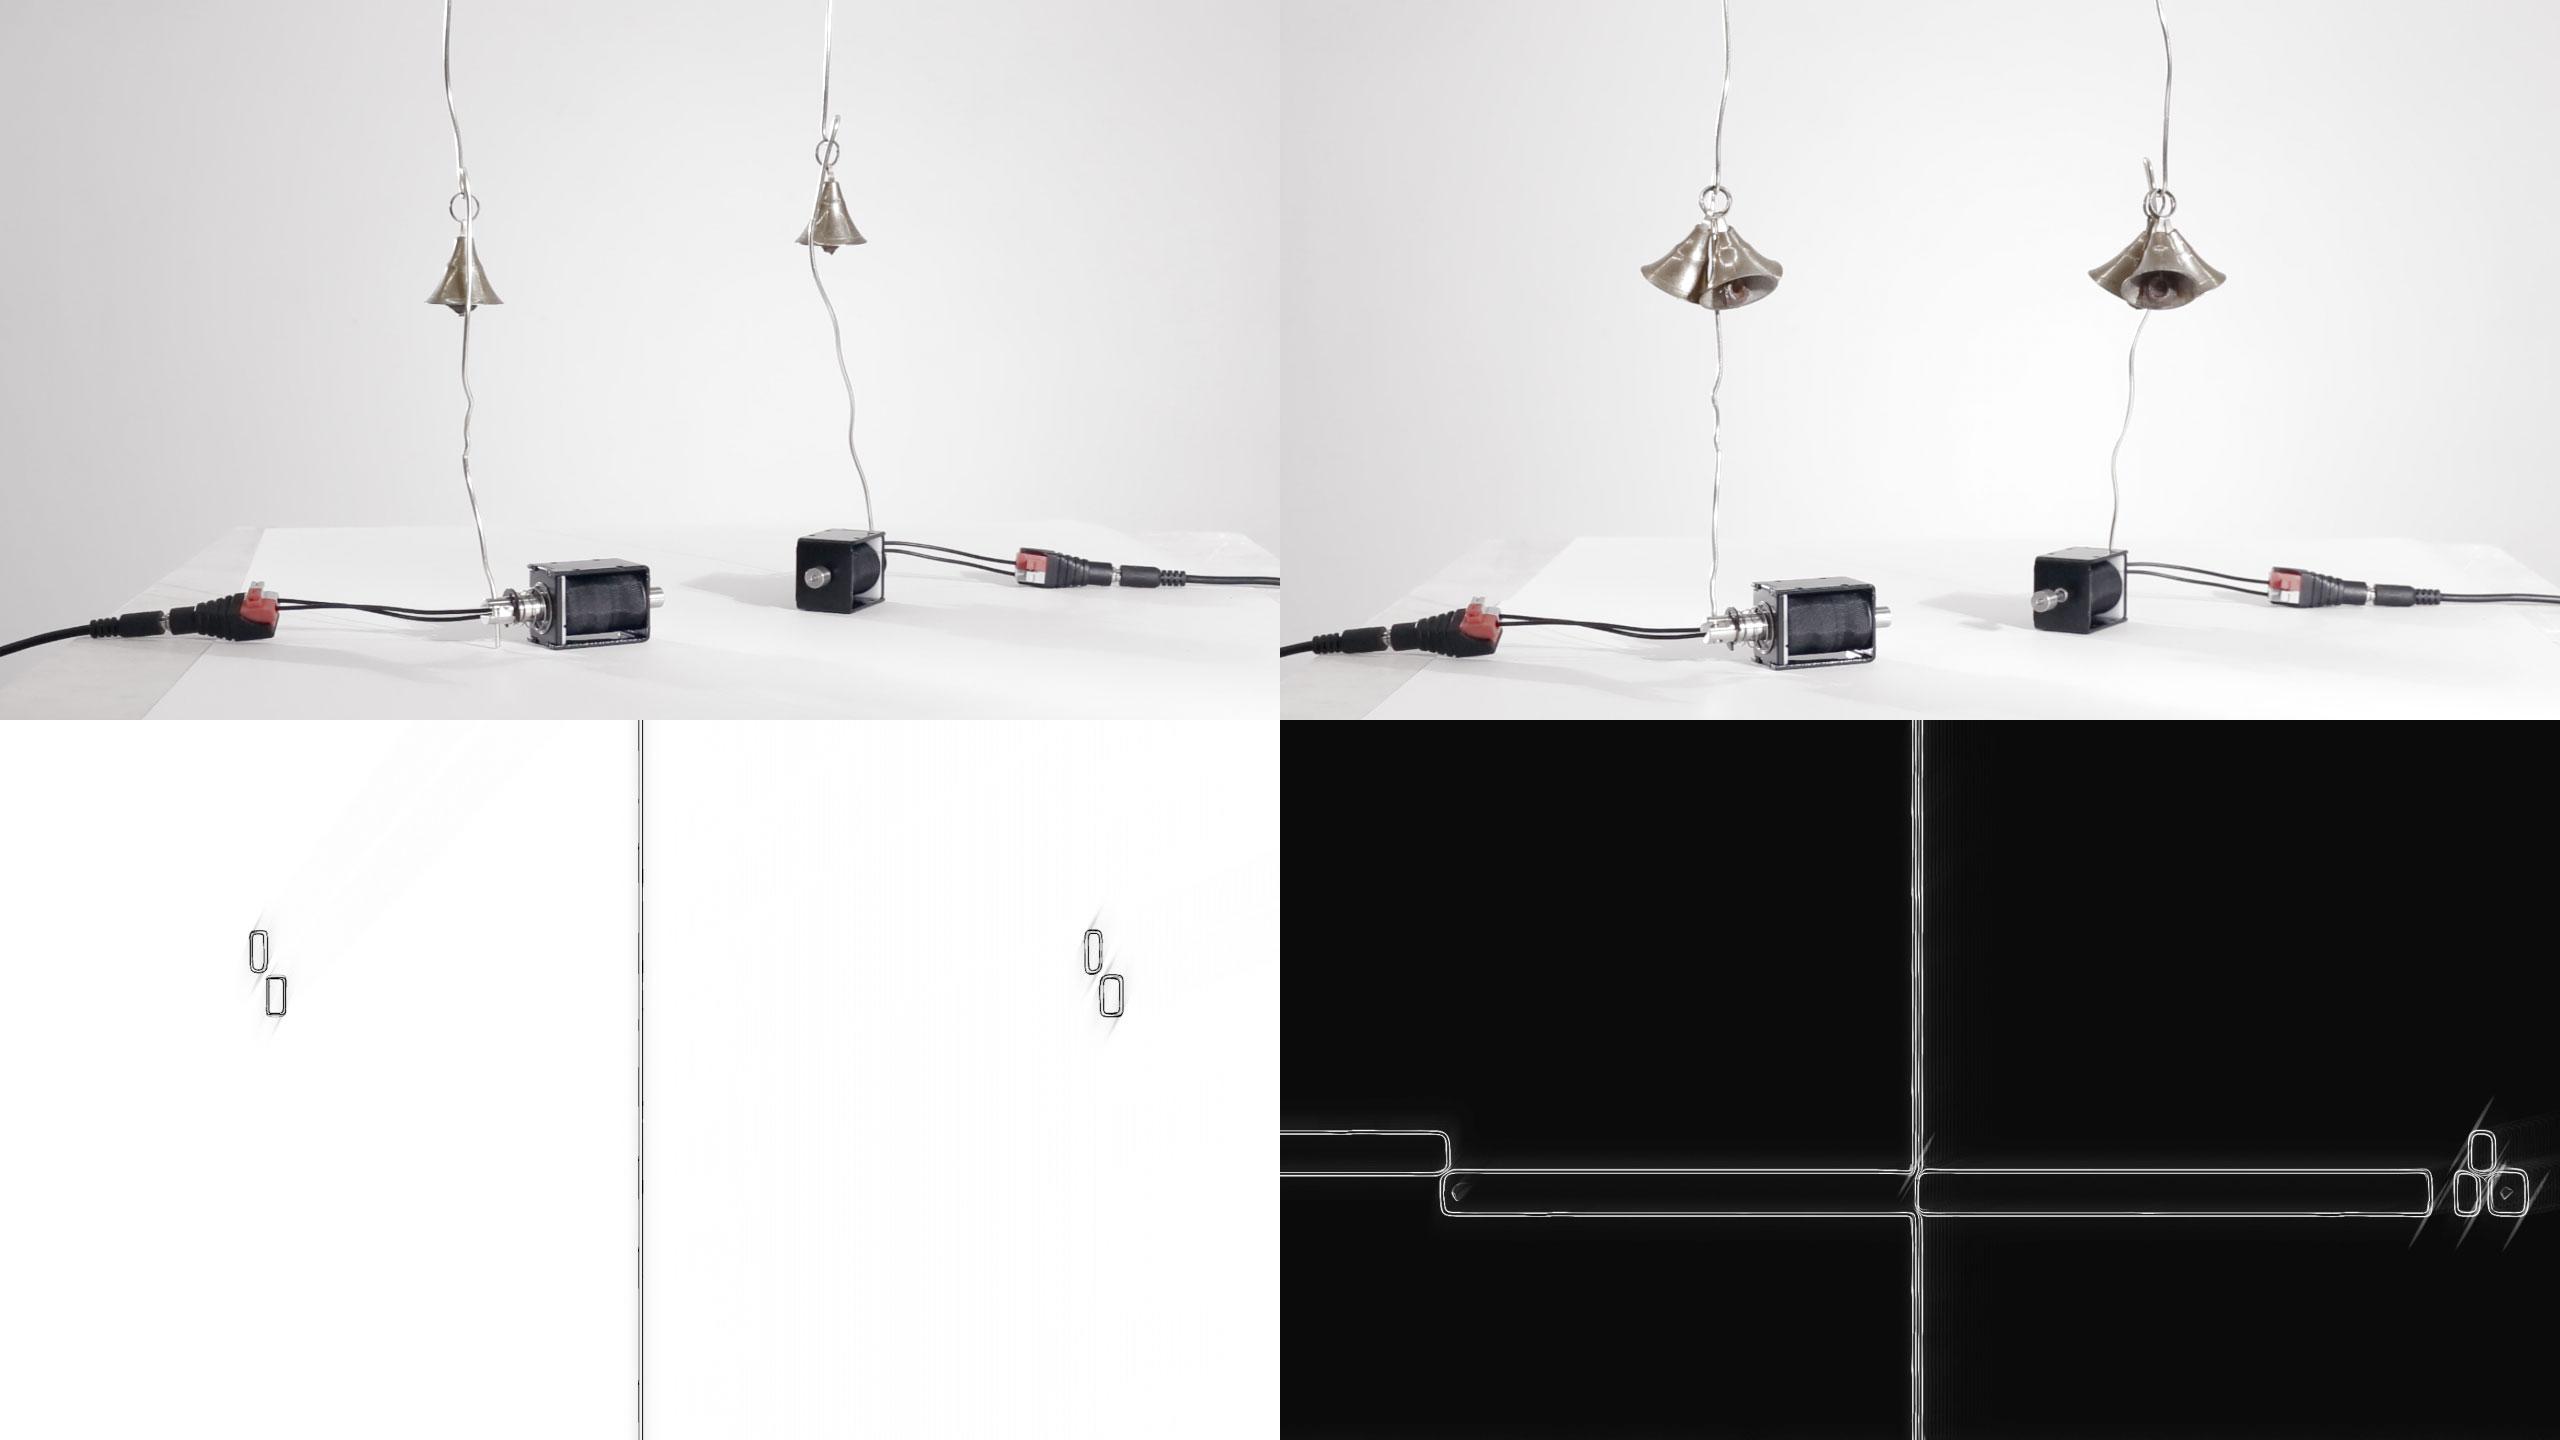 Jacek Doroszenko - Metascore of new gestures - video 05